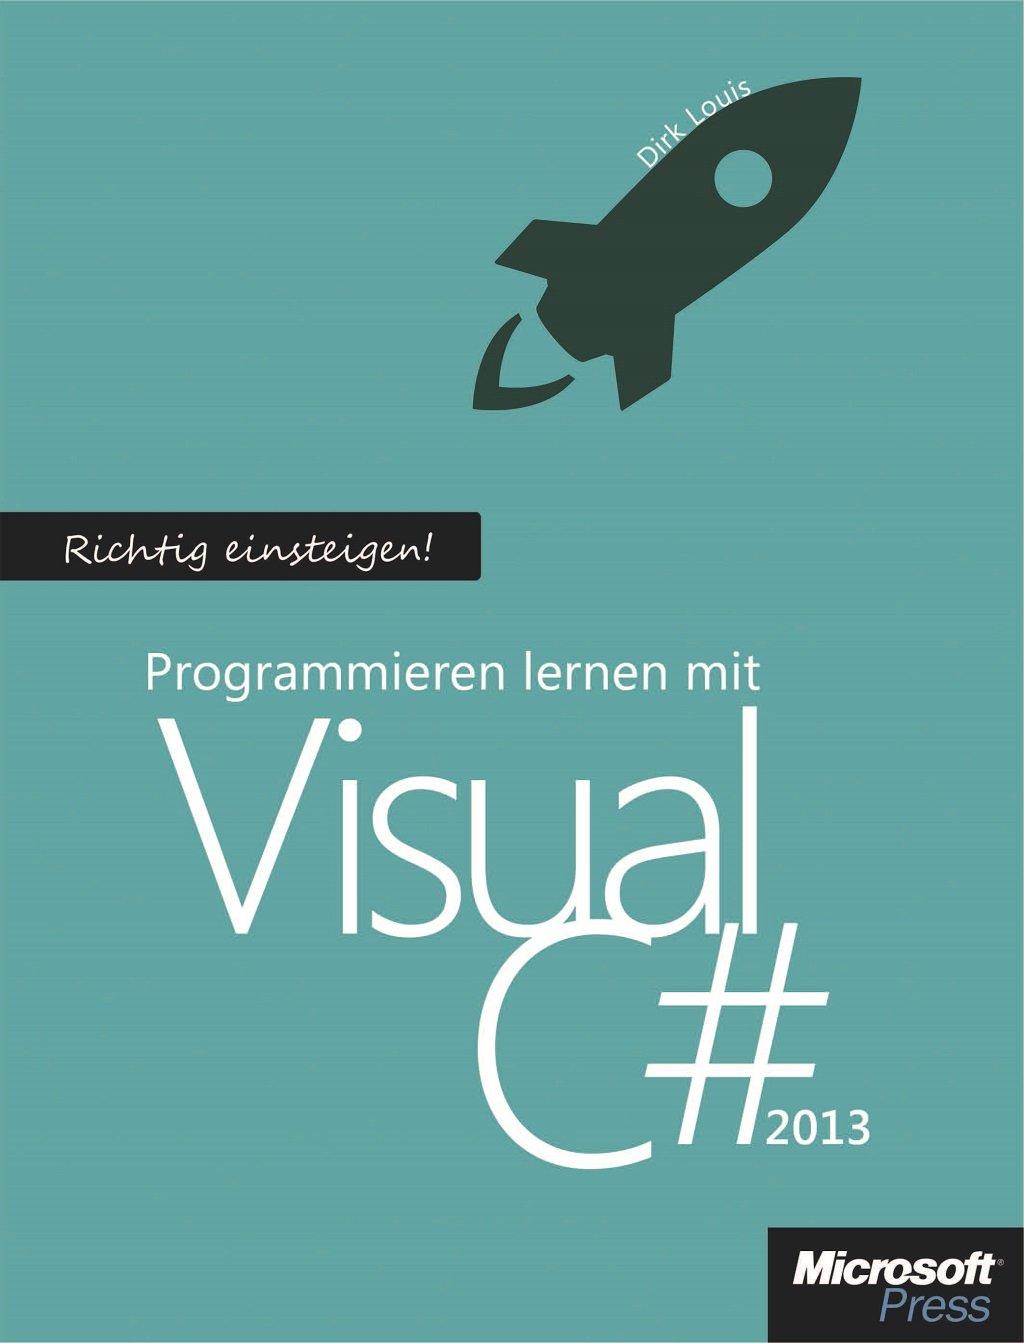 Richtig einsteigen: Programmieren lernen mit Visual C# 2013 Gebundenes Buch – 18. Dezember 2013 Dirk Louis Microsoft 3866452217 Programmiersprachen